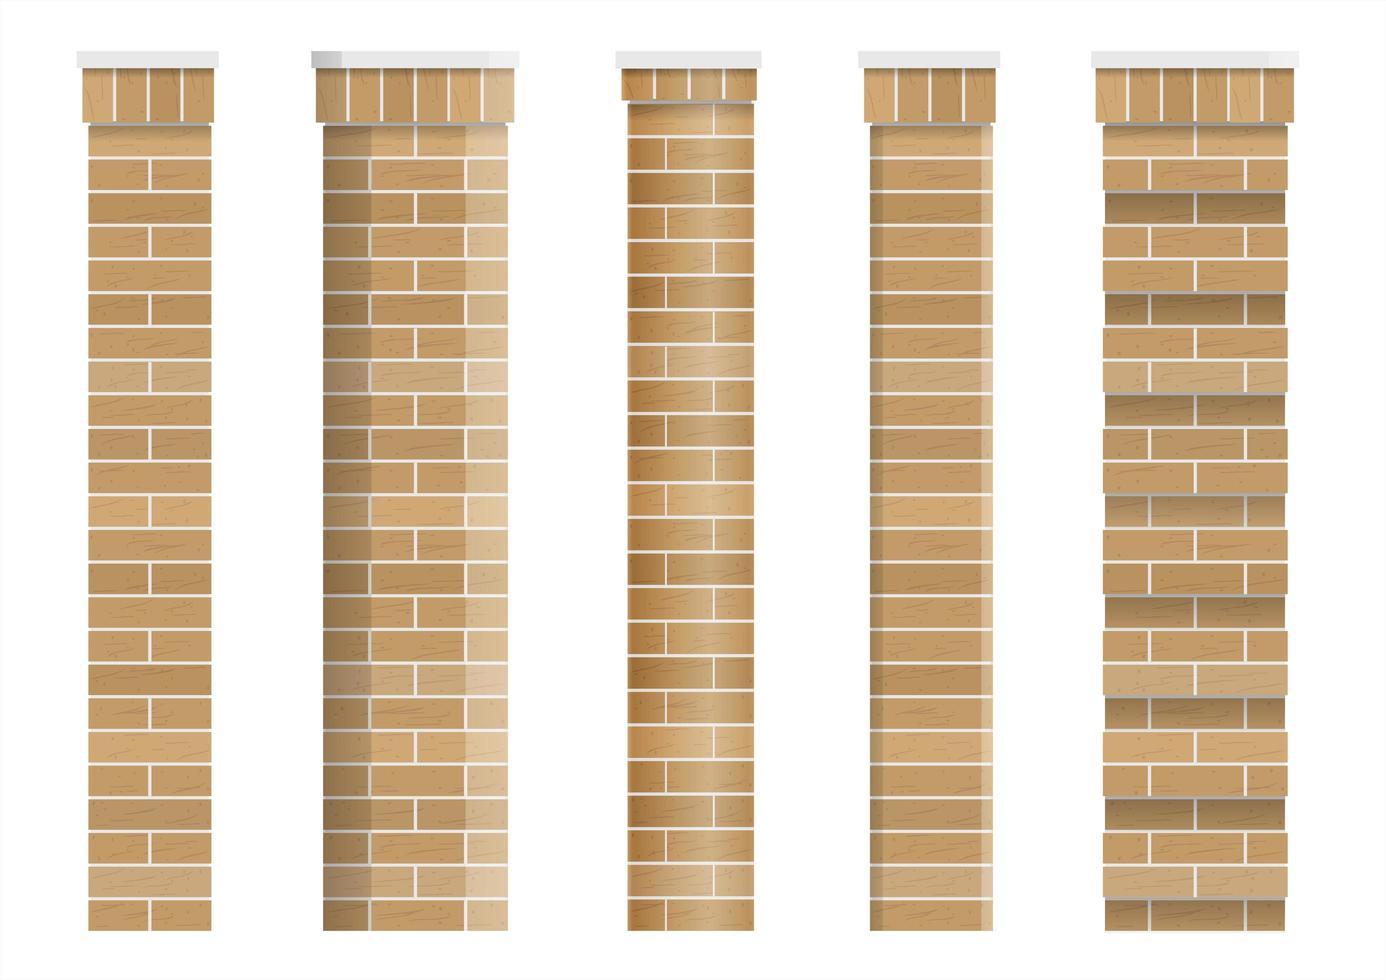 Satz von Texturen von klassischen Ziegelsäulen vektor